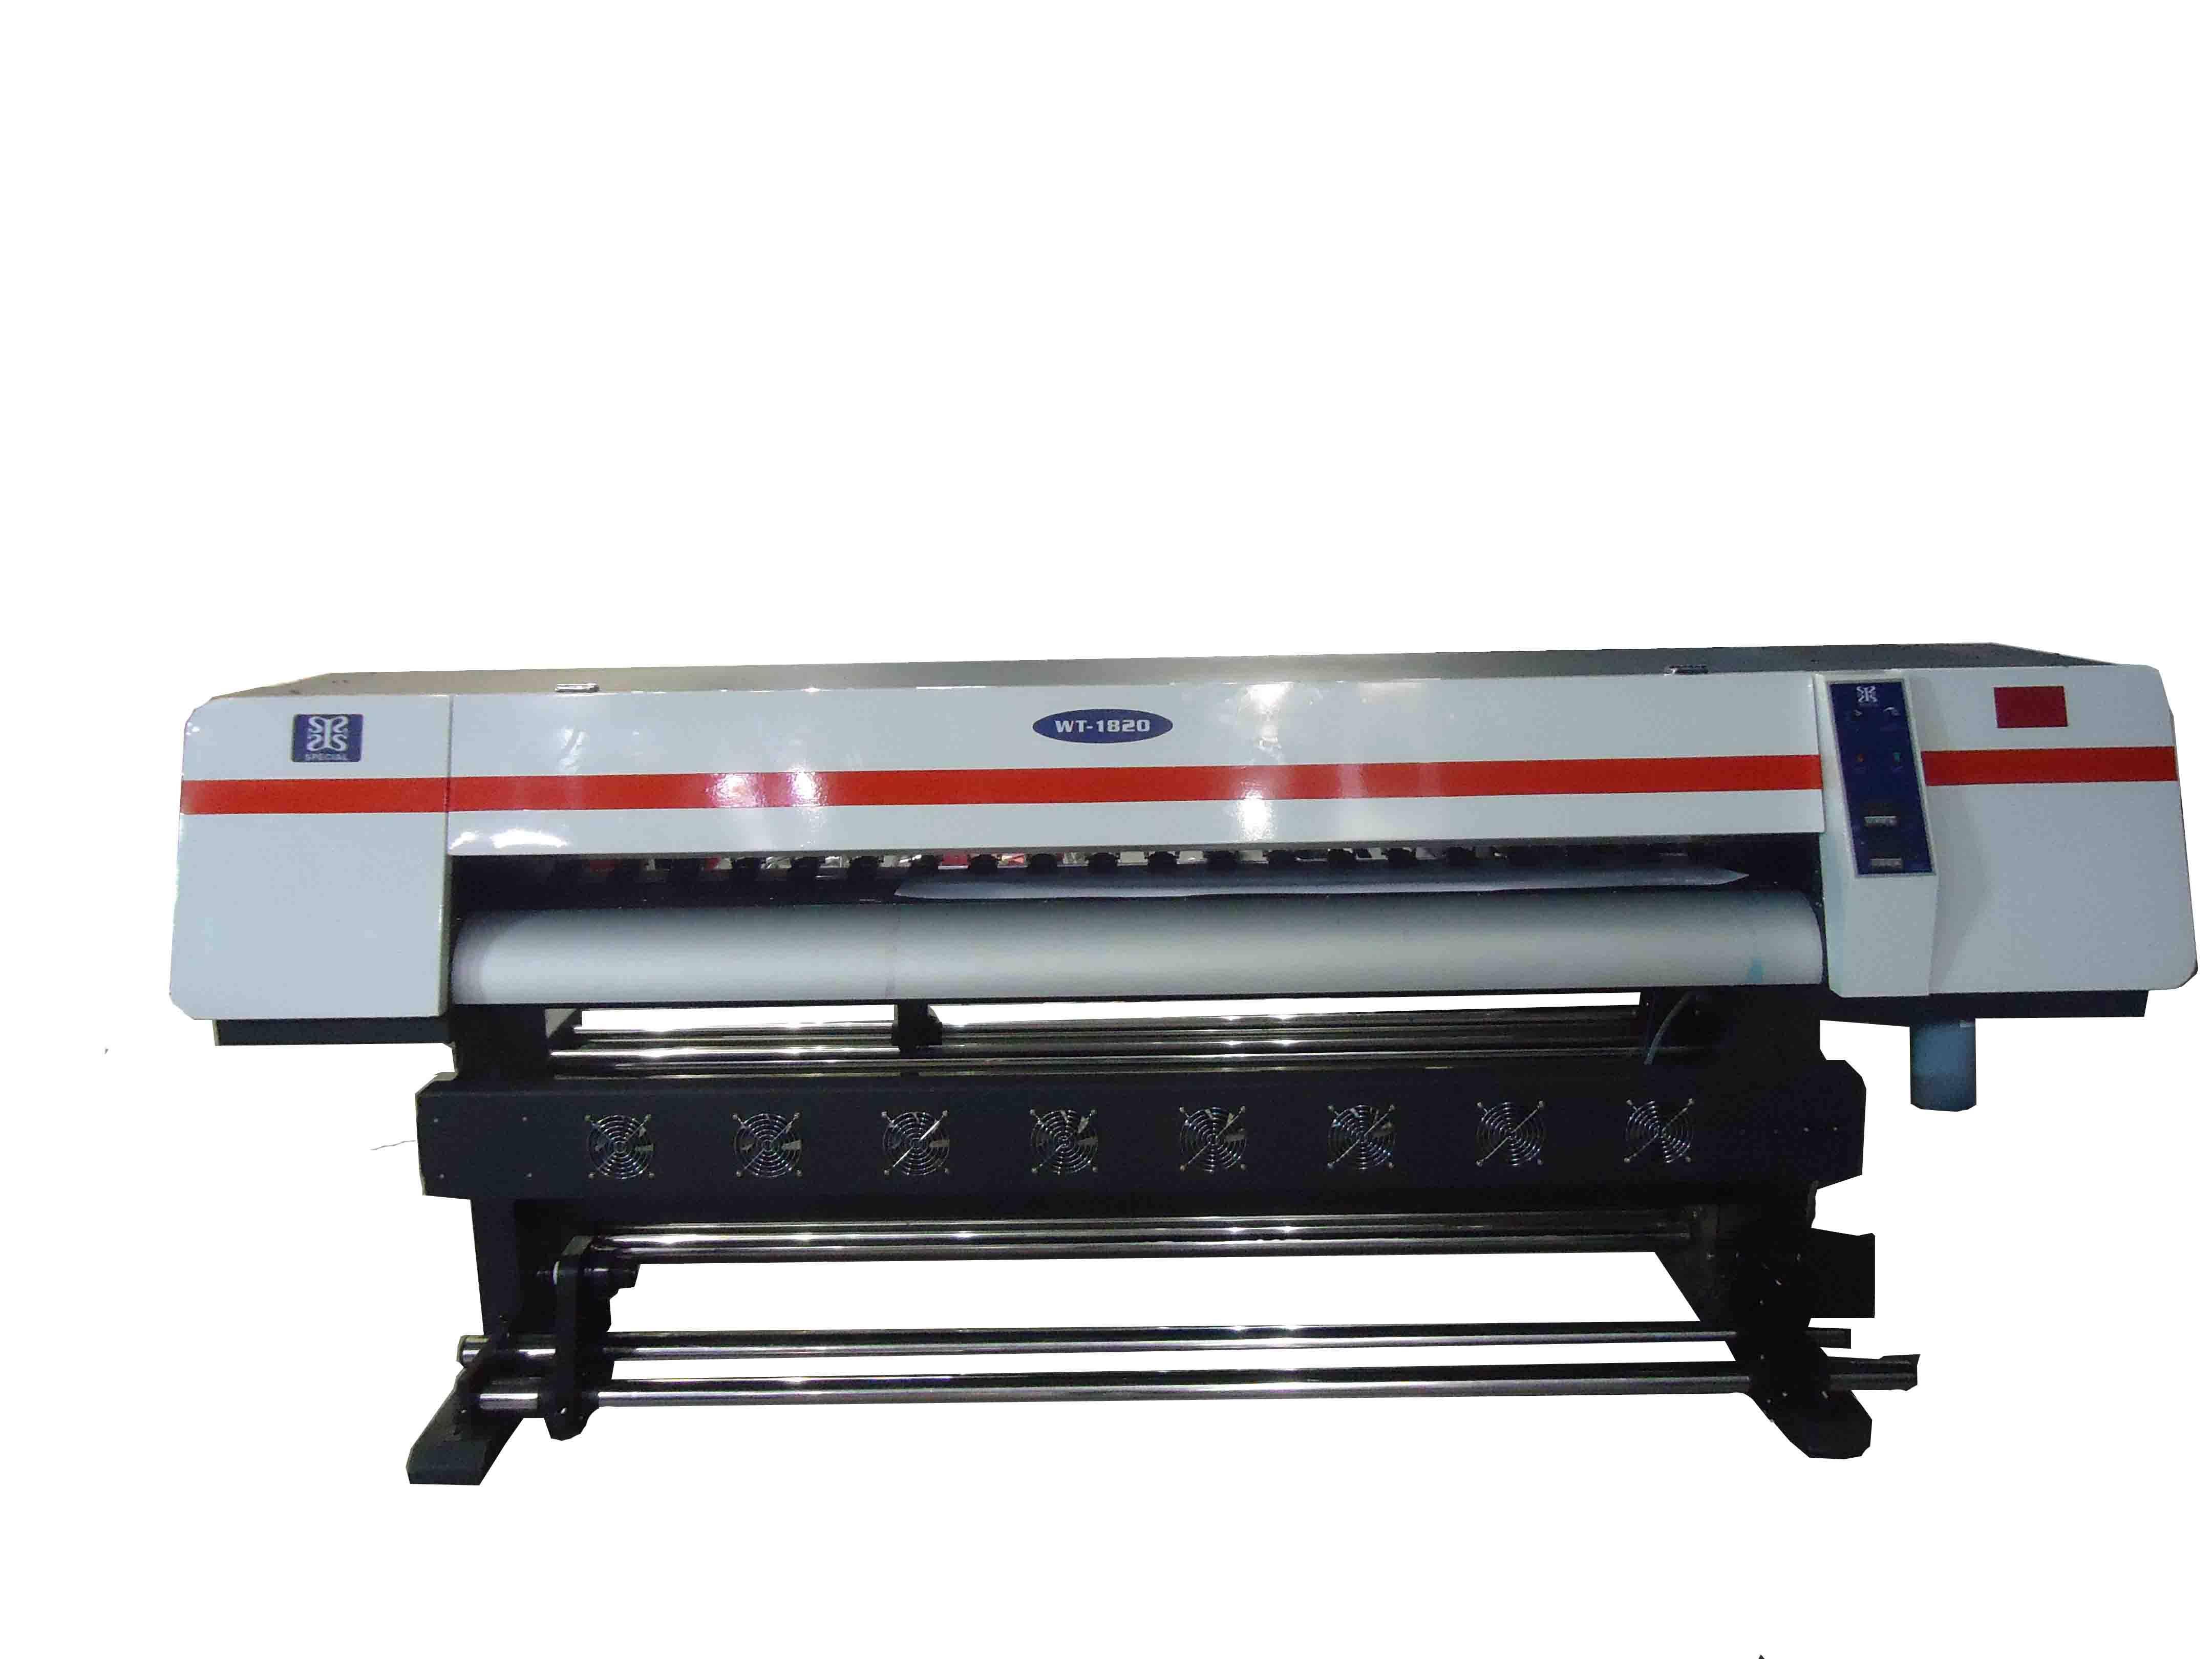 1.8m High quality eco solvent printer